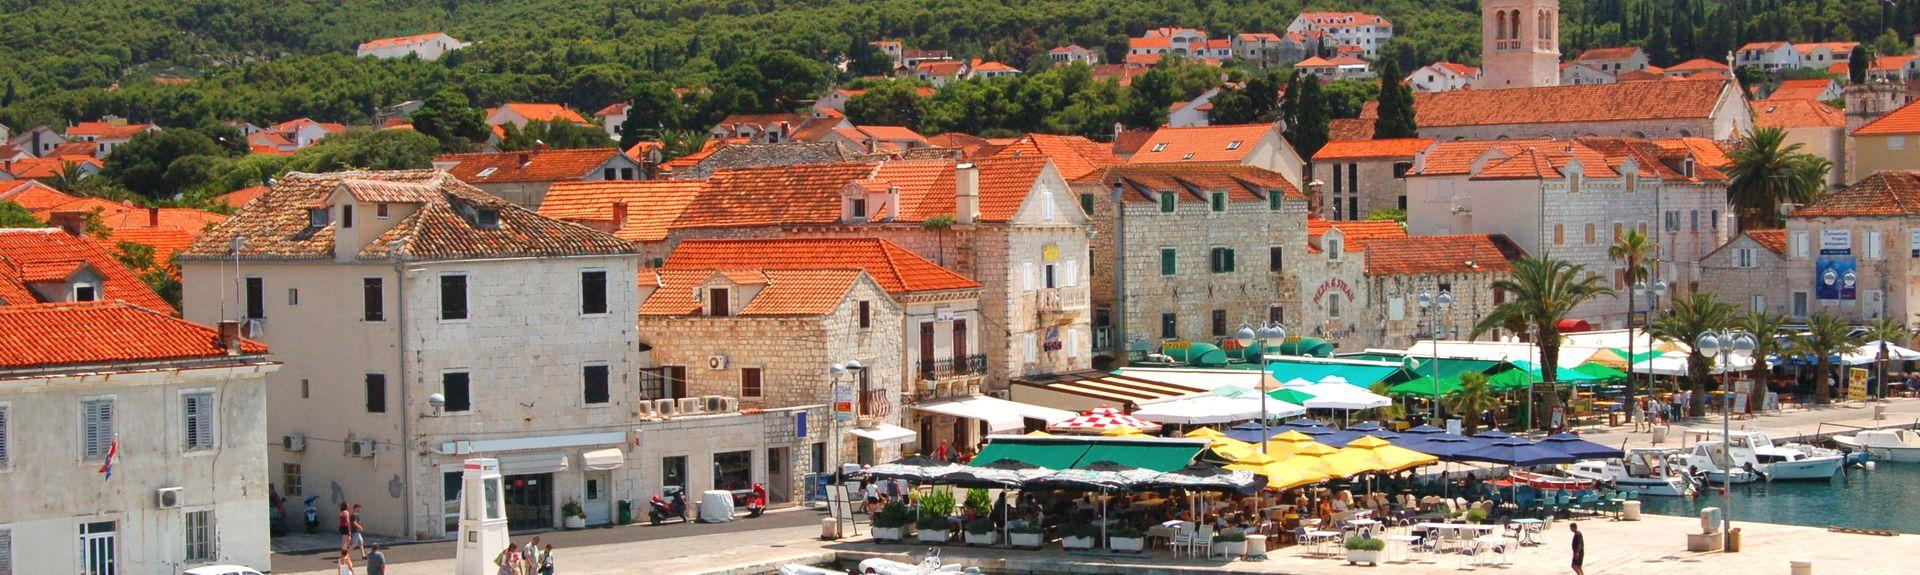 Brac, Split-Dalmatië, Kroatië